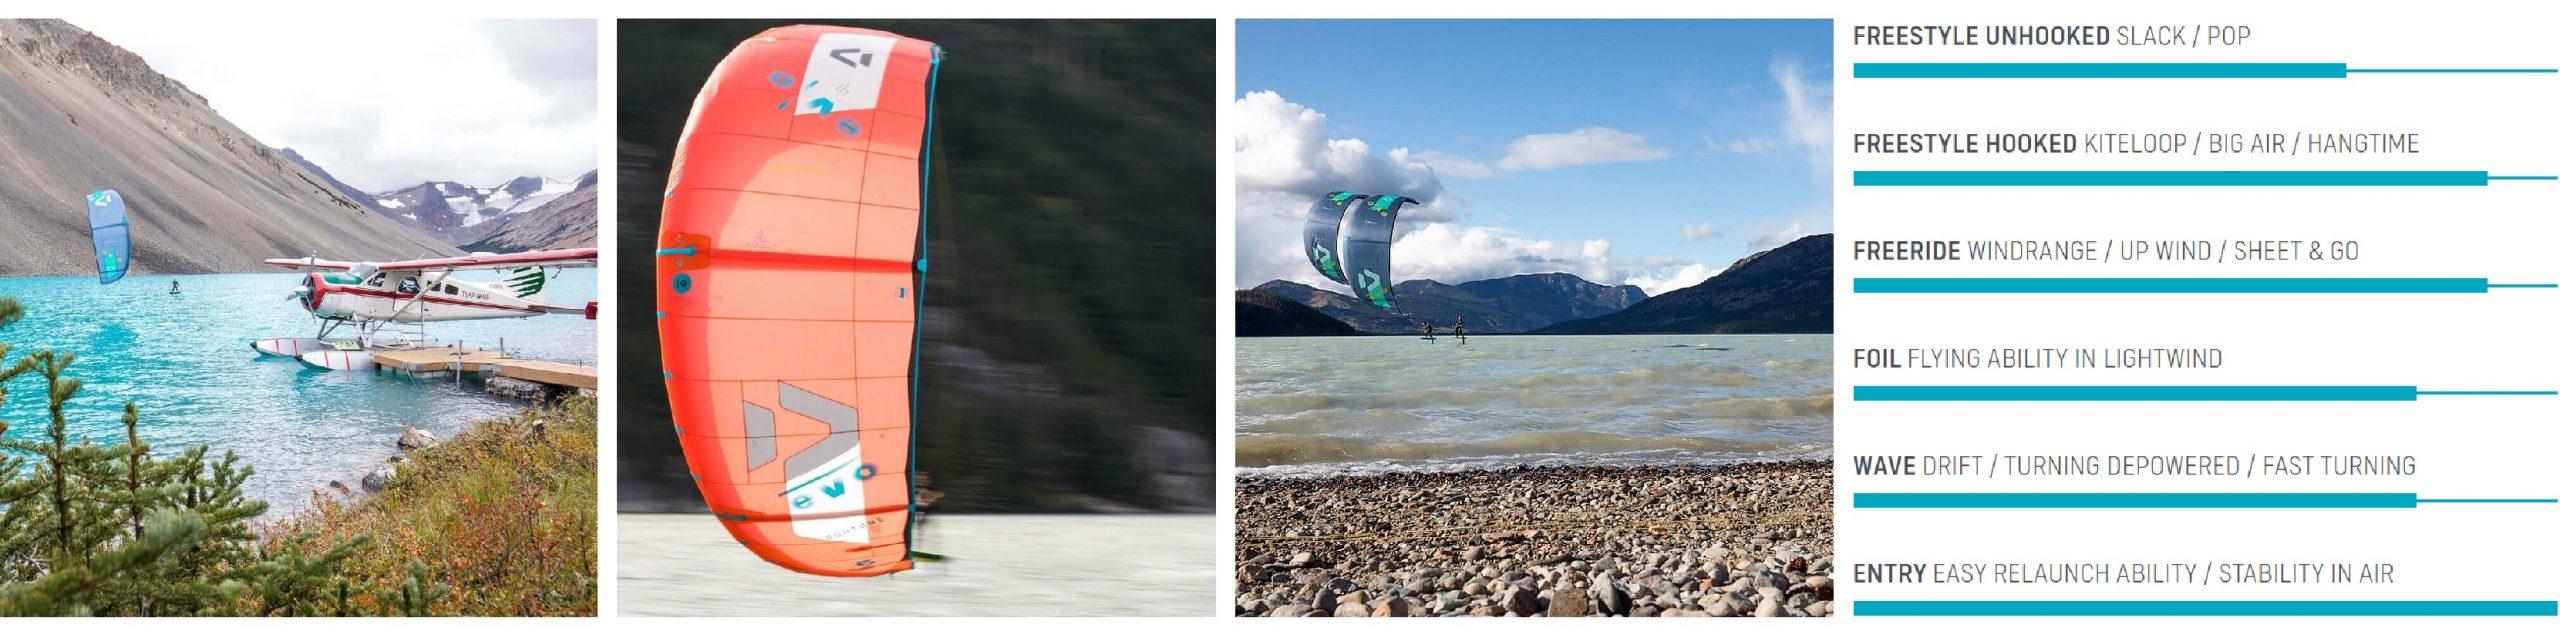 wypożyczeie sprzętu kite Sycylia lo stagnone, kite rental lo stagnone sicily, duotone evo